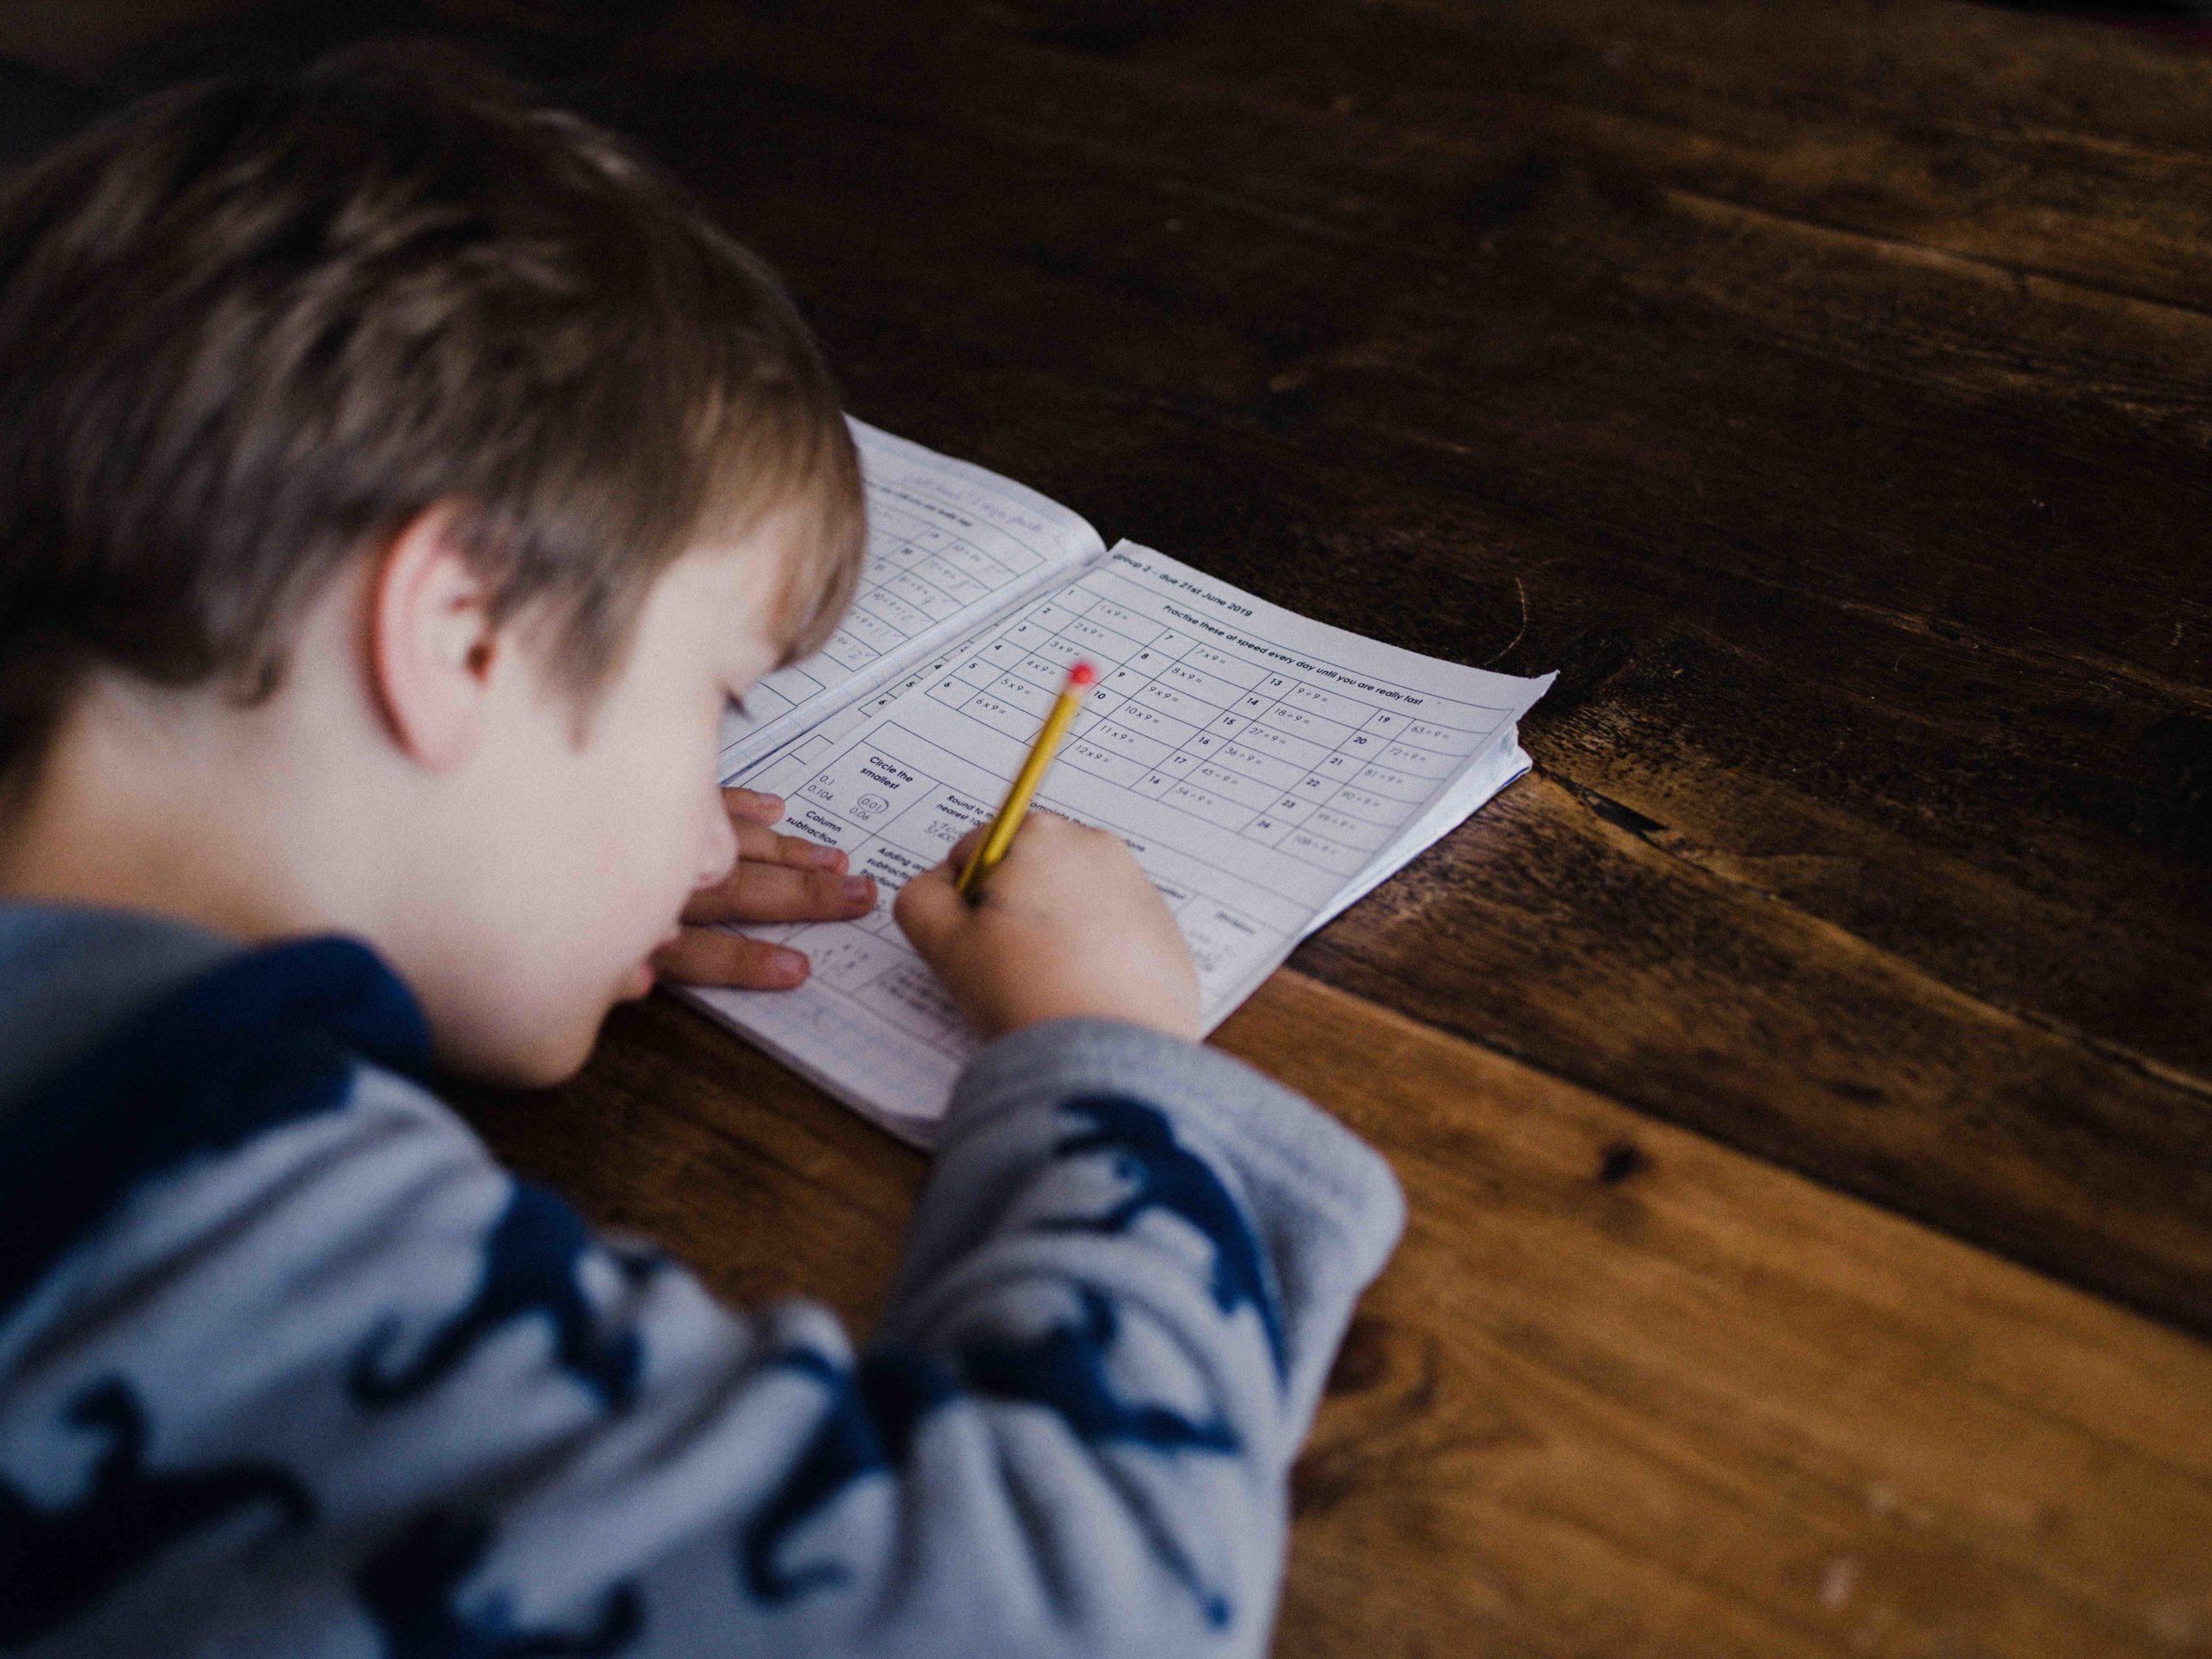 子供のおすすめ英語学習法